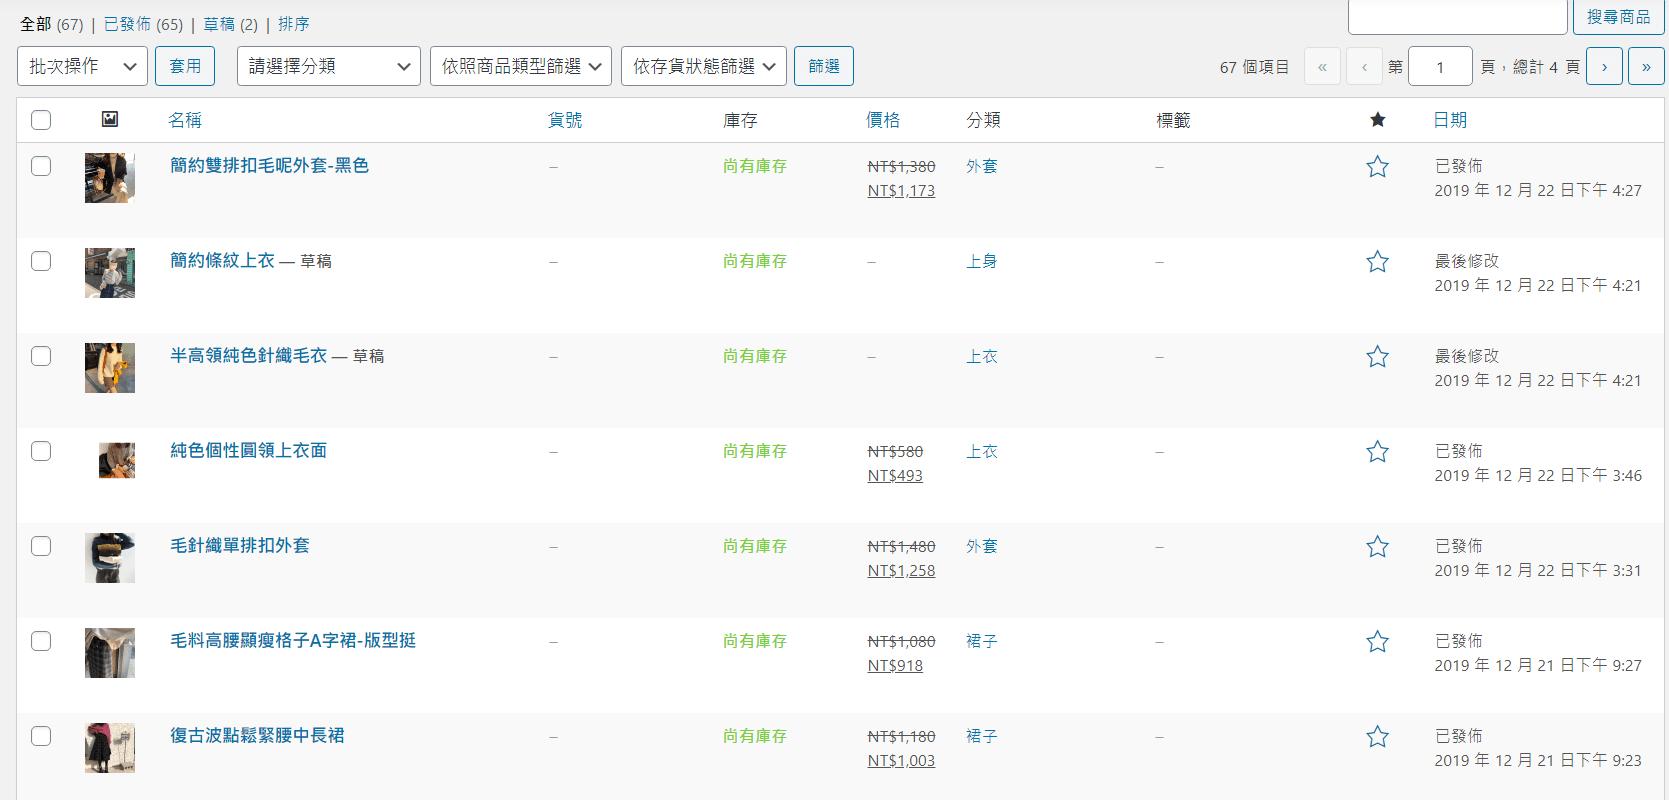 電商商品上架列表